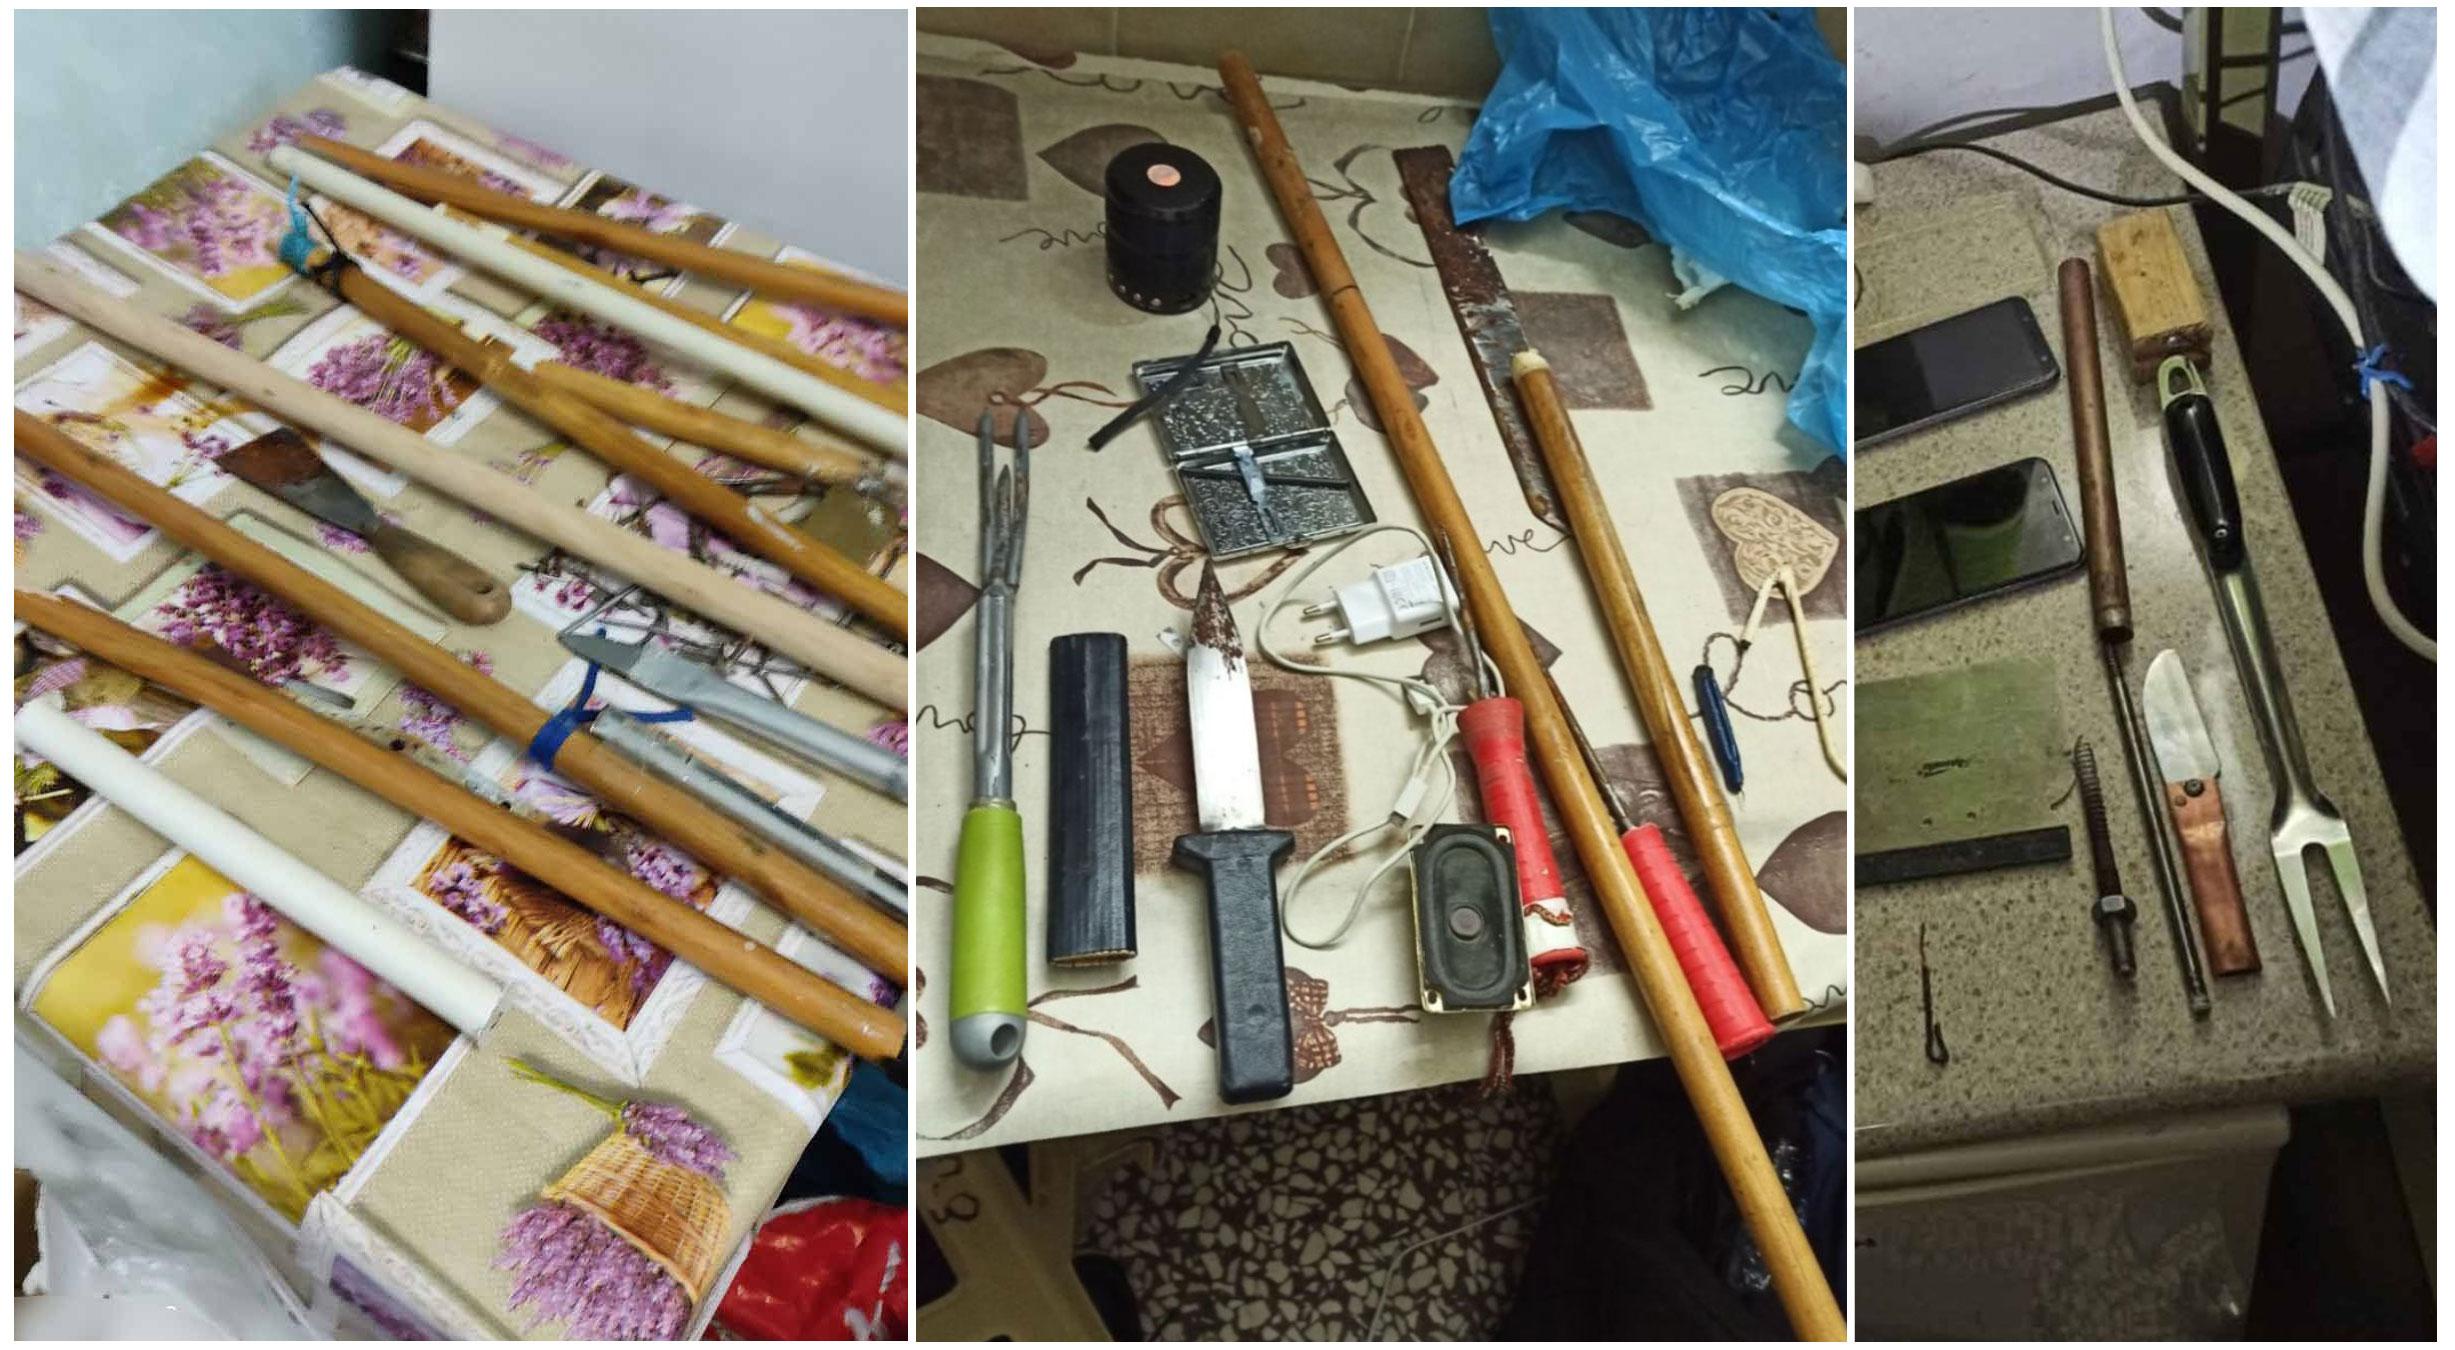 Νέα έρευνα σε κελιά βαρυποινιτών στον Κορυδαλλό – Βρέθηκαν από σουβλιά μέχρι πιρούνα